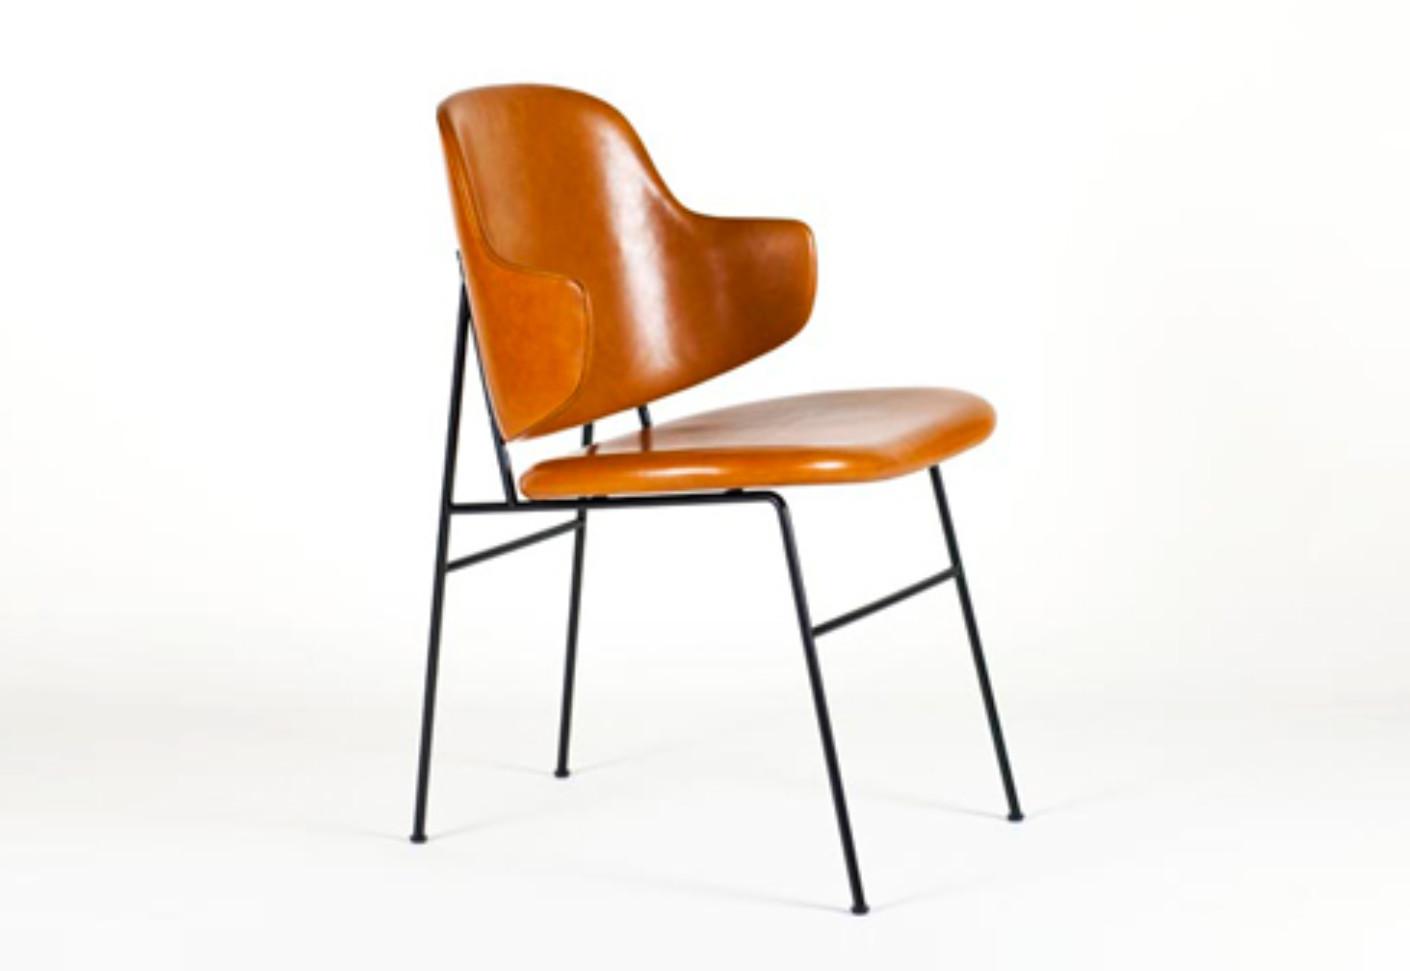 Petersen Furniture